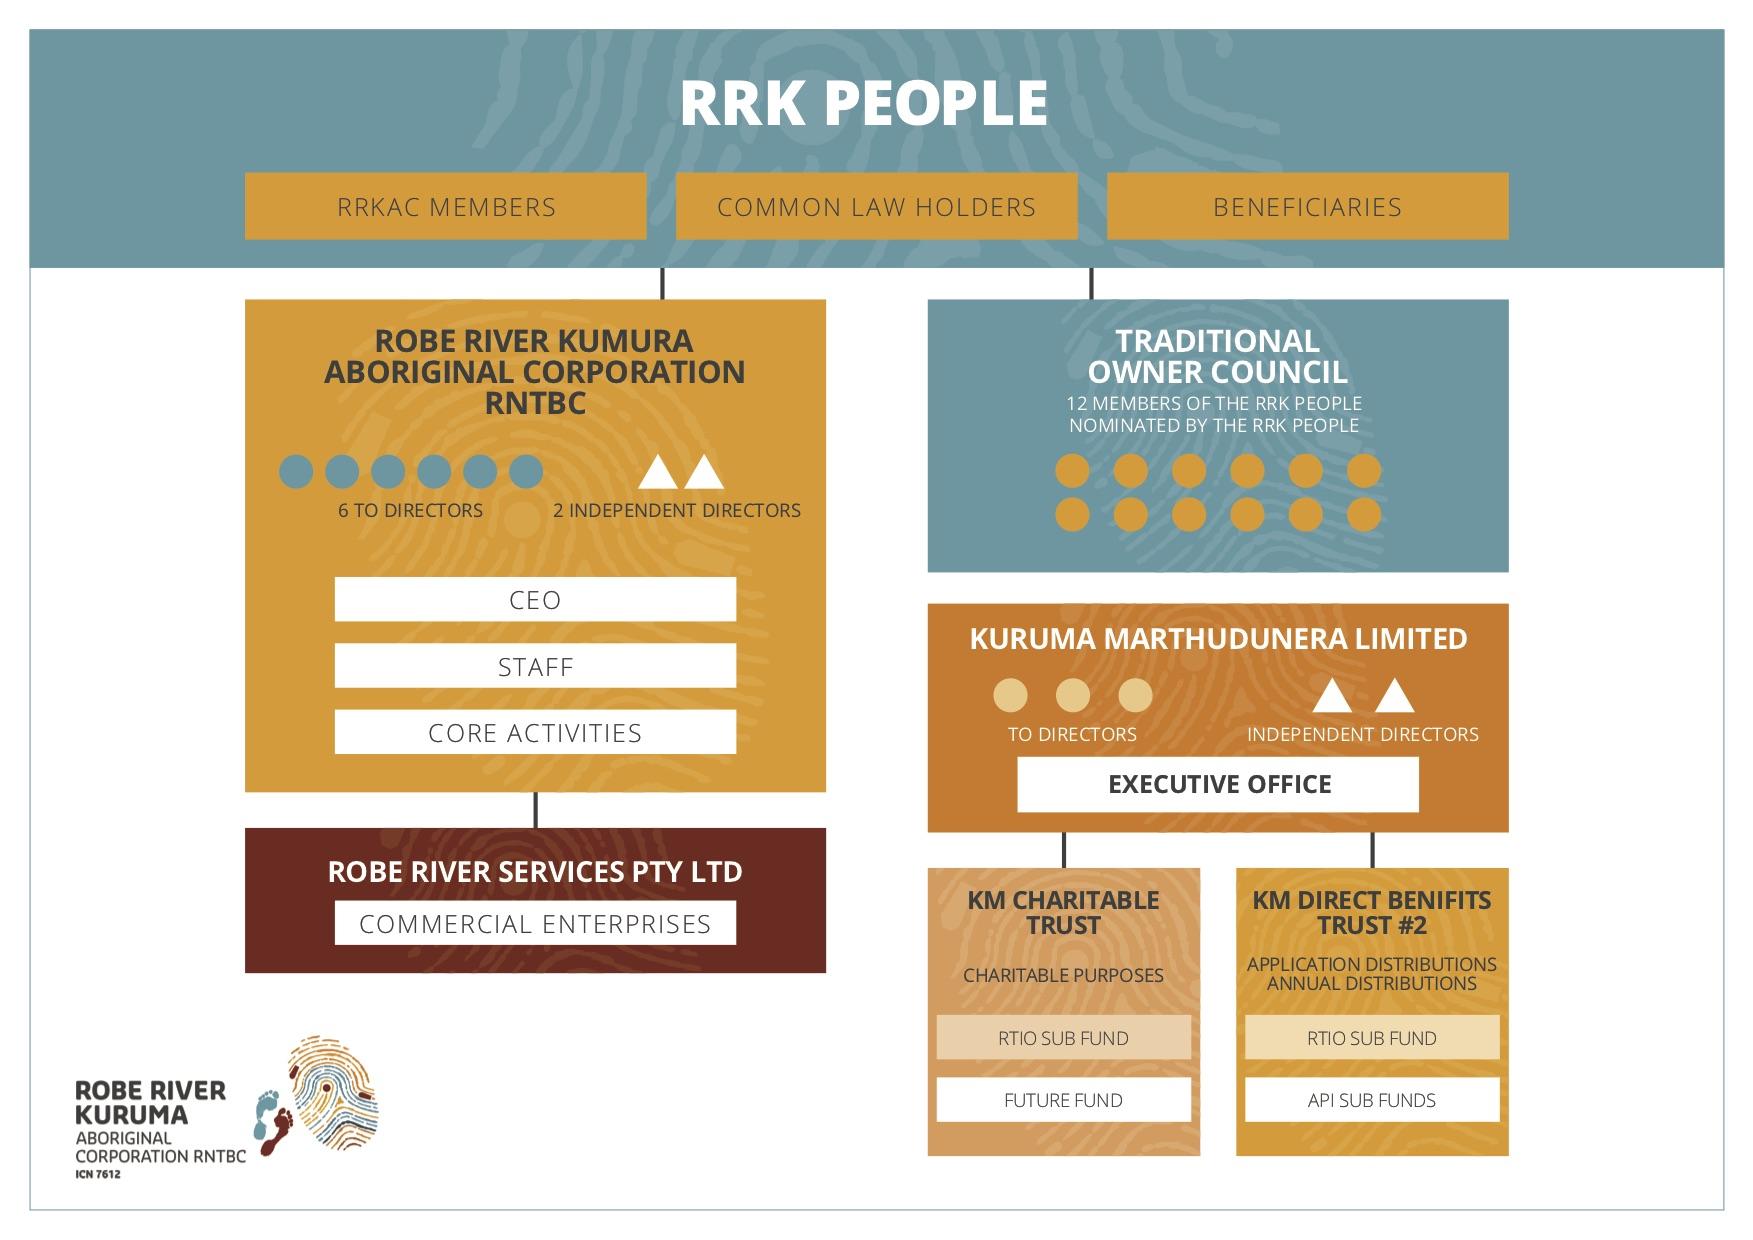 RRKAC structure chart